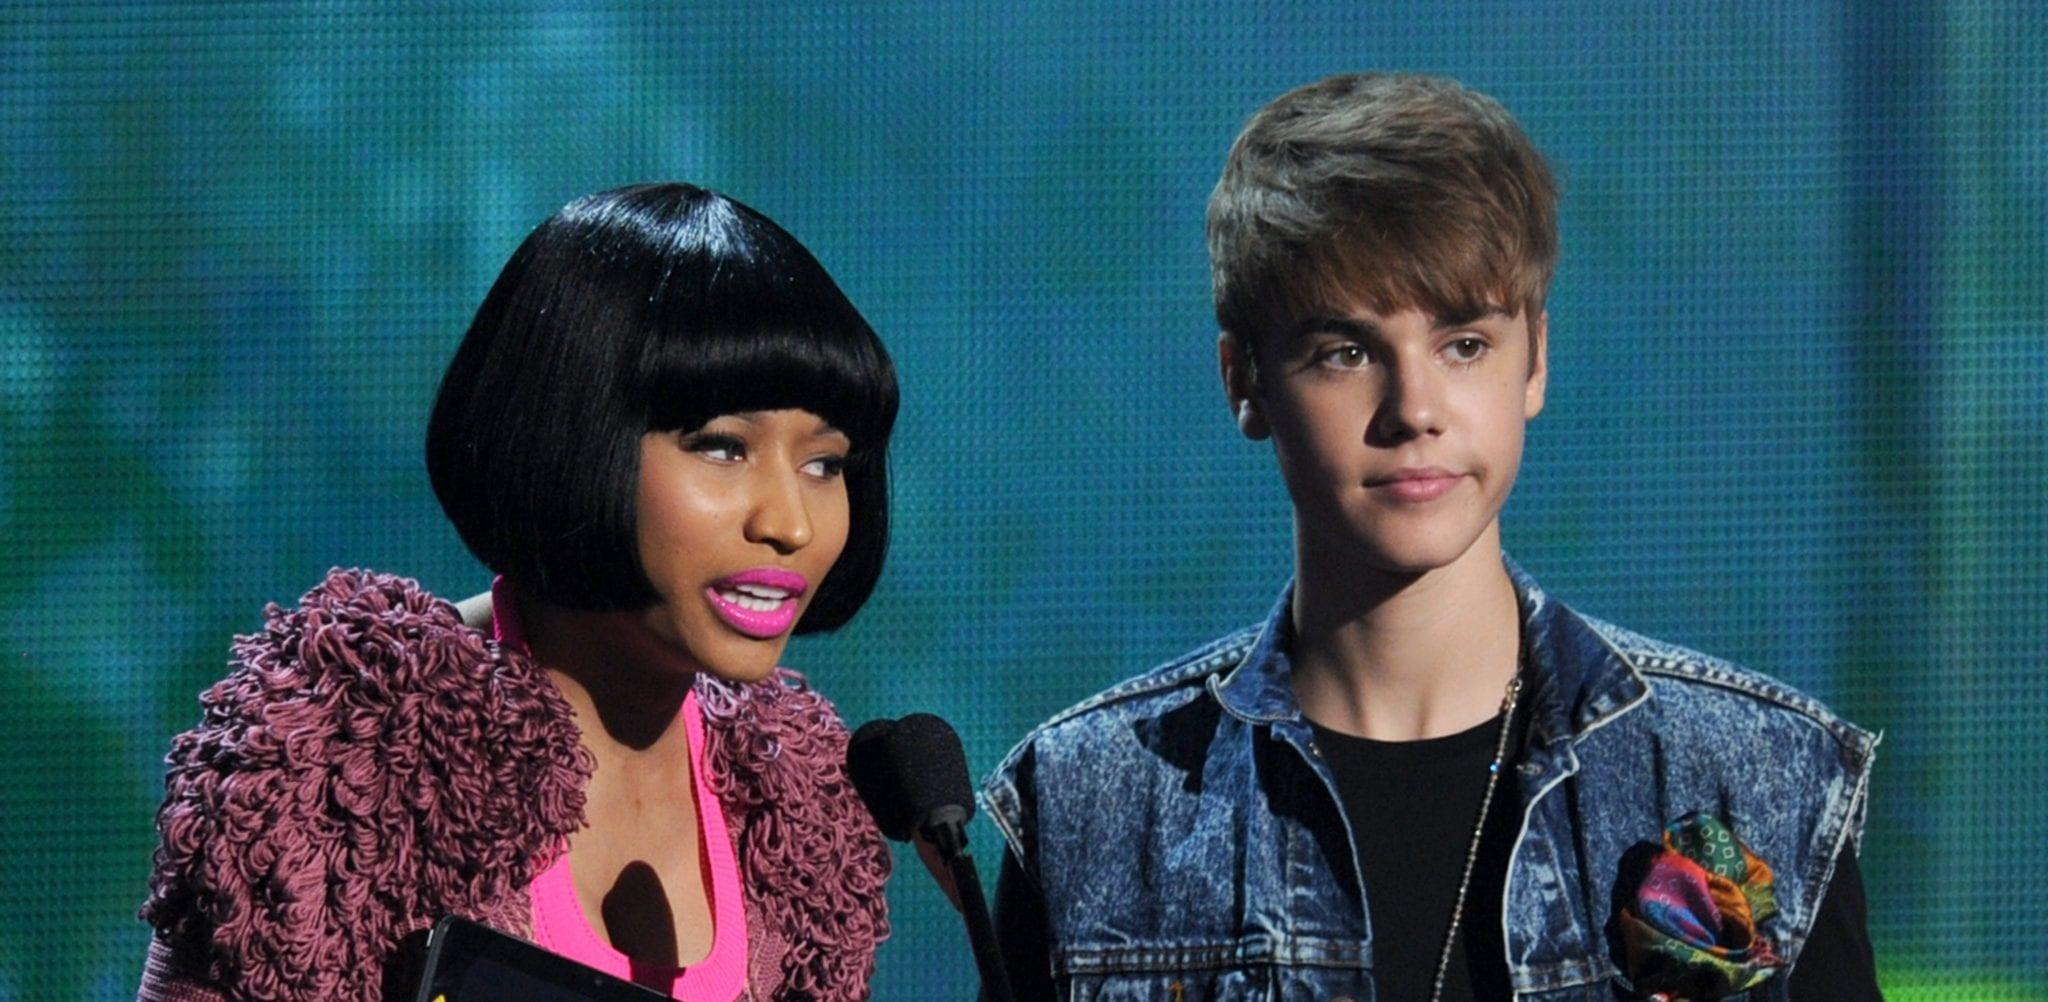 Justin Bieber dating lista di storia come ottenere una ragazza che erano risalente indietro